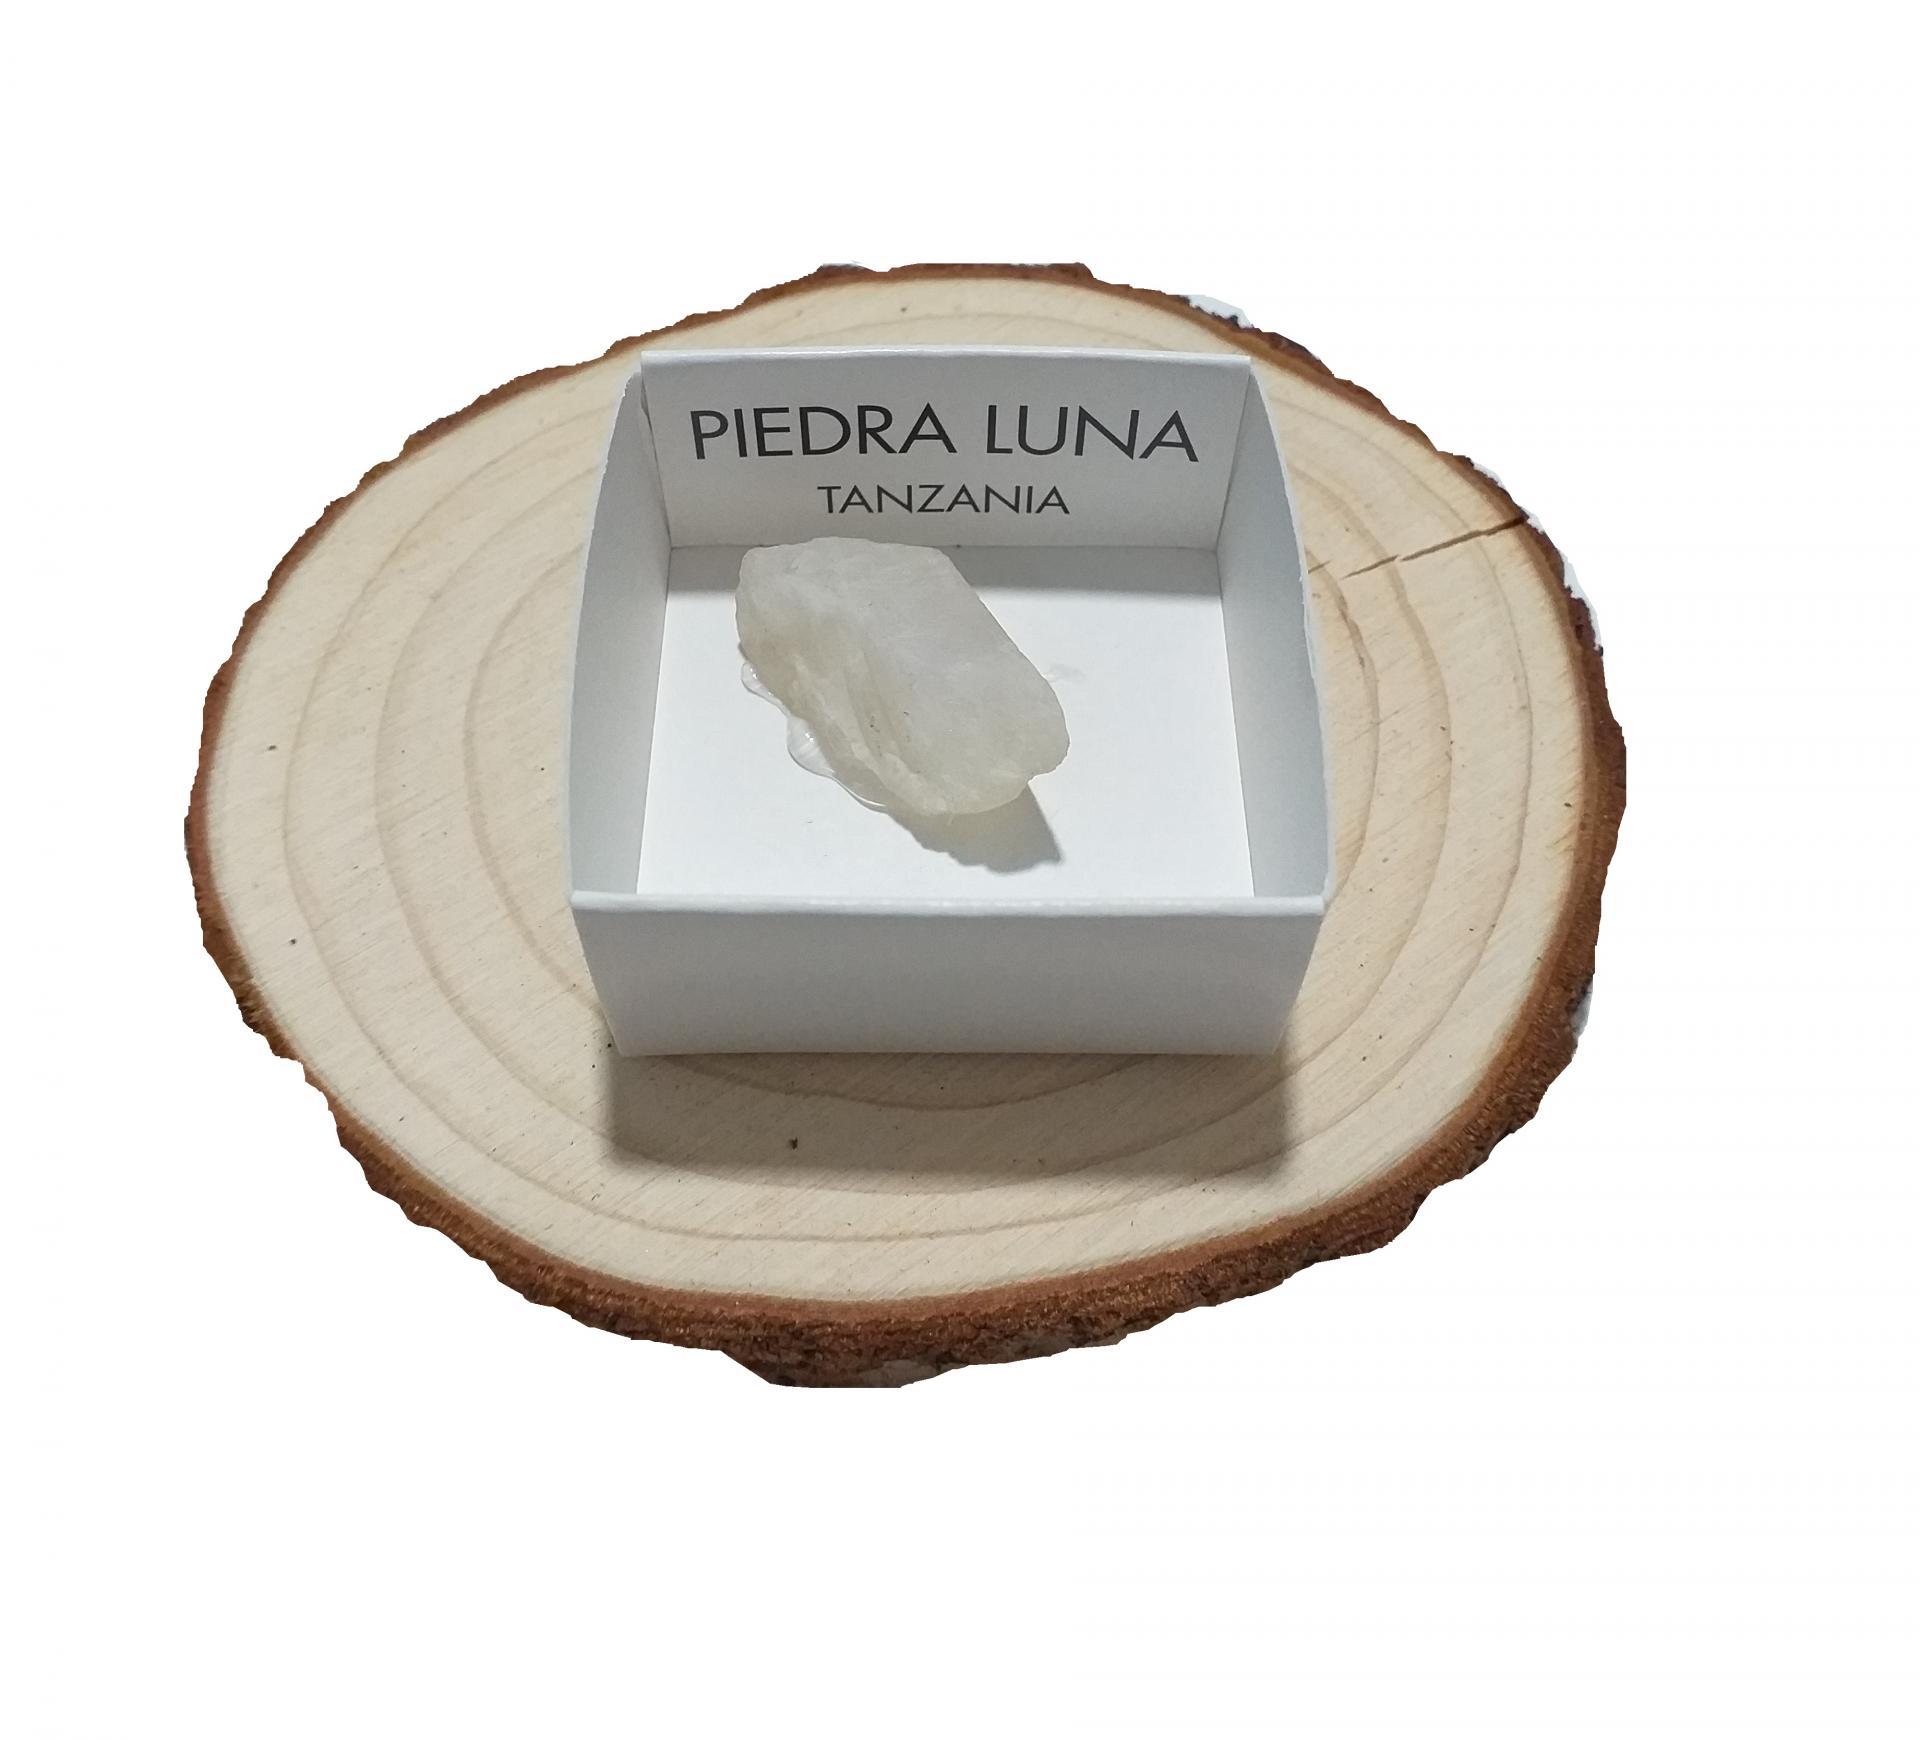 Piedra Luna